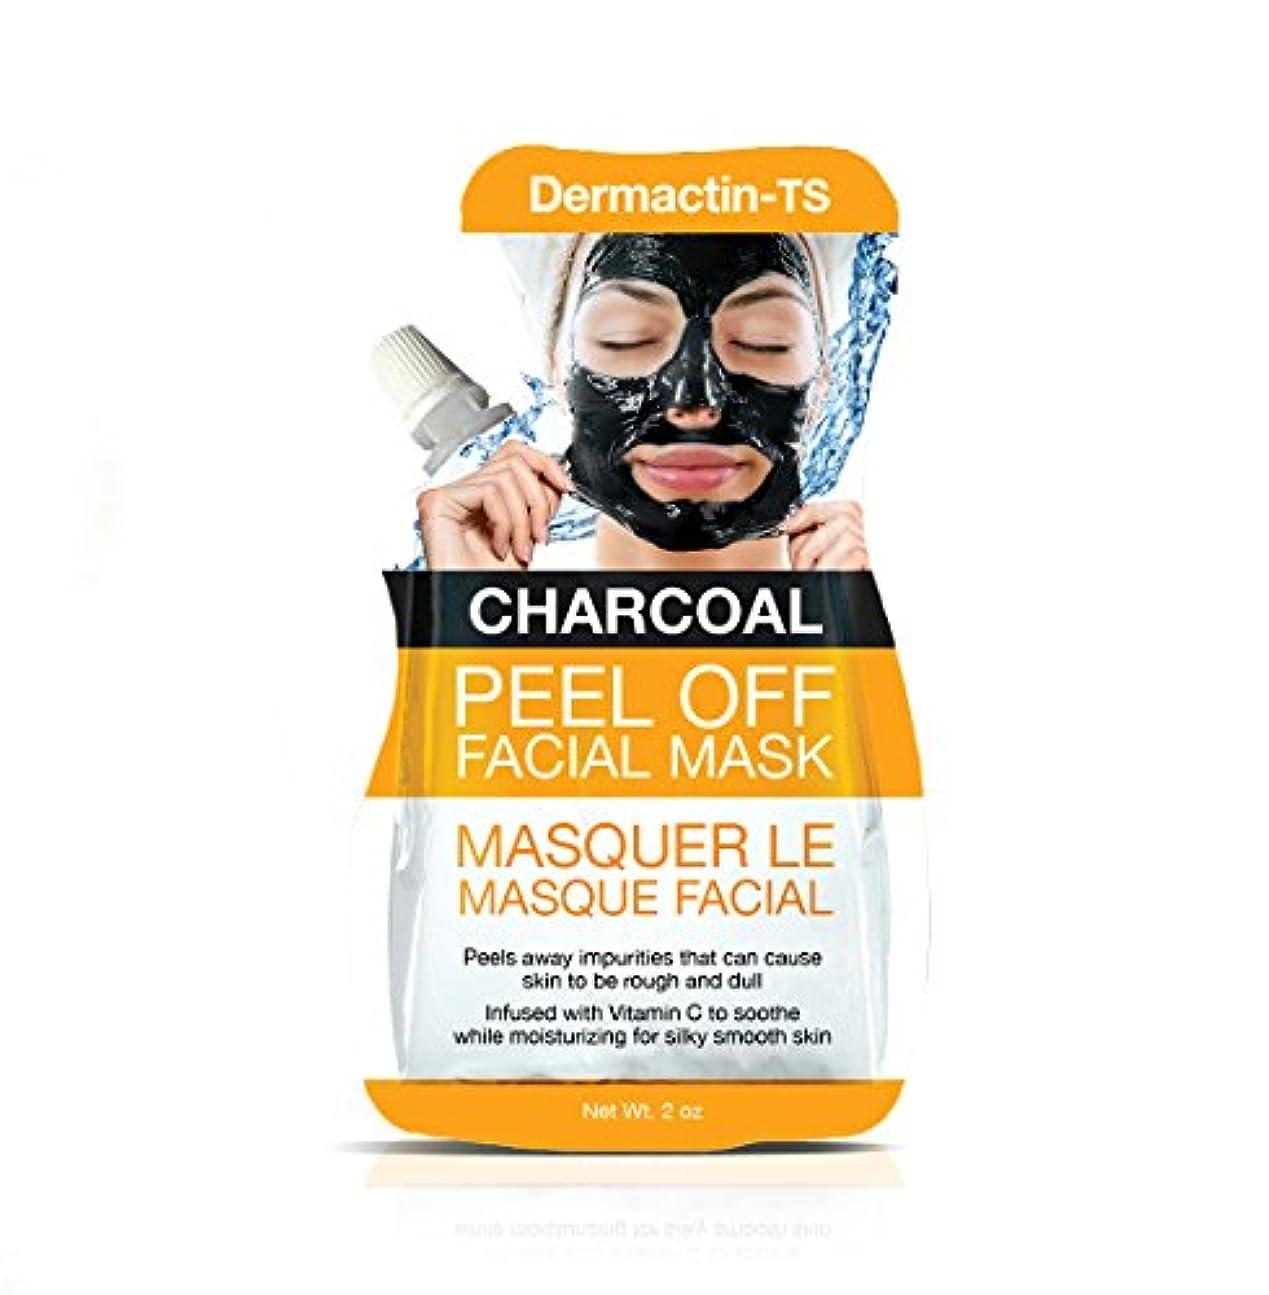 する目的住居Dermactin-TS フェイシャルマスクを剥がすチャコール50 g (並行輸入品)